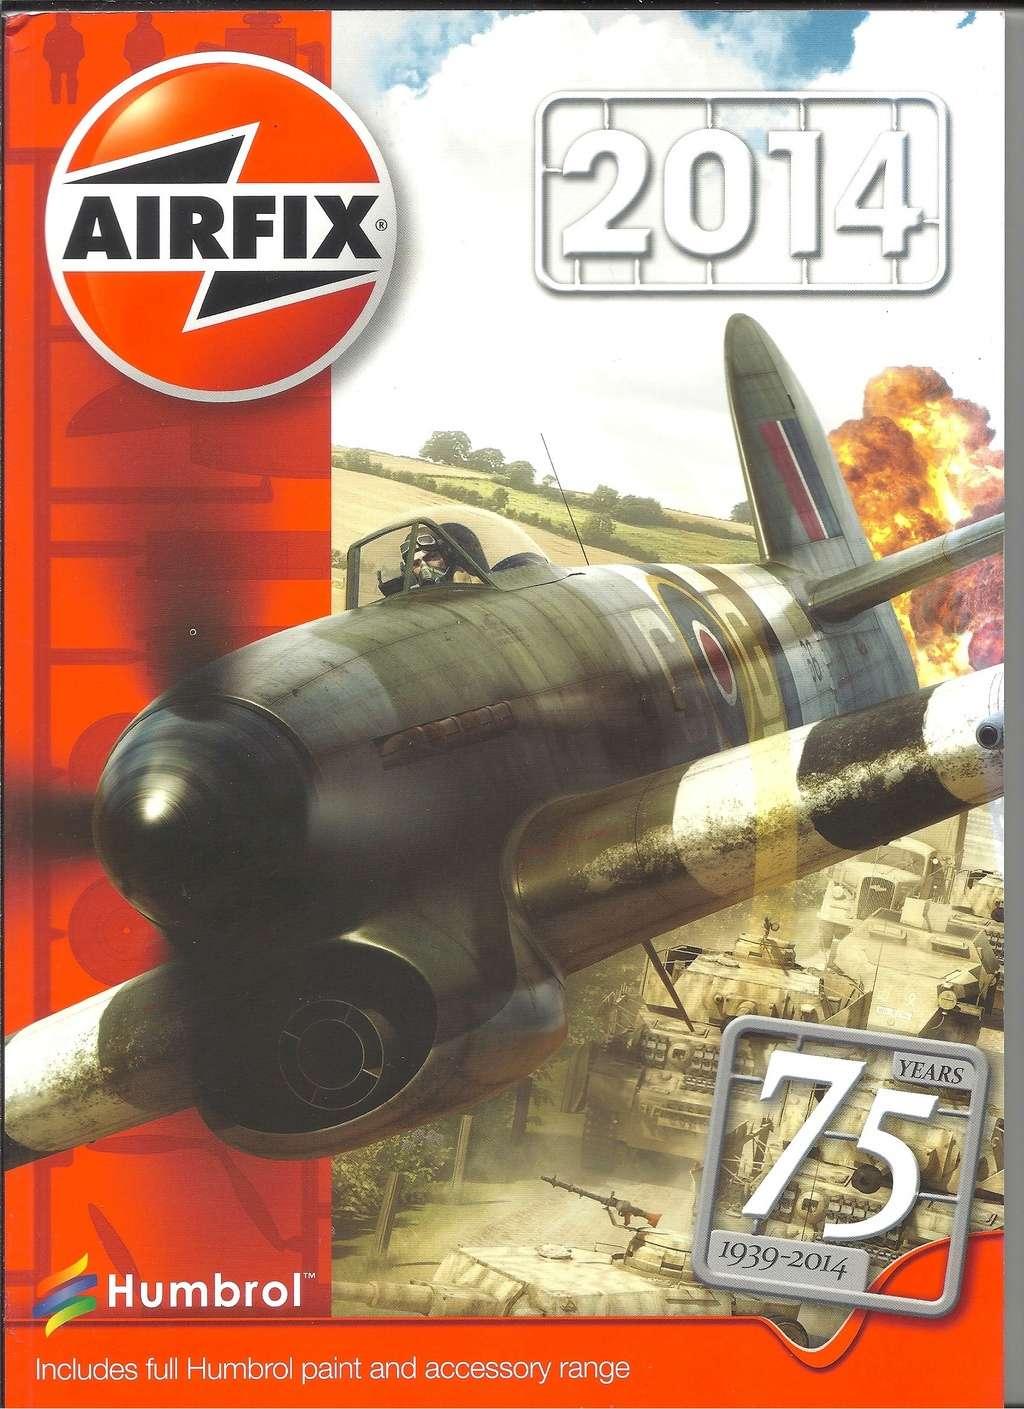 les achats de Jacques - Page 21 Airfi596